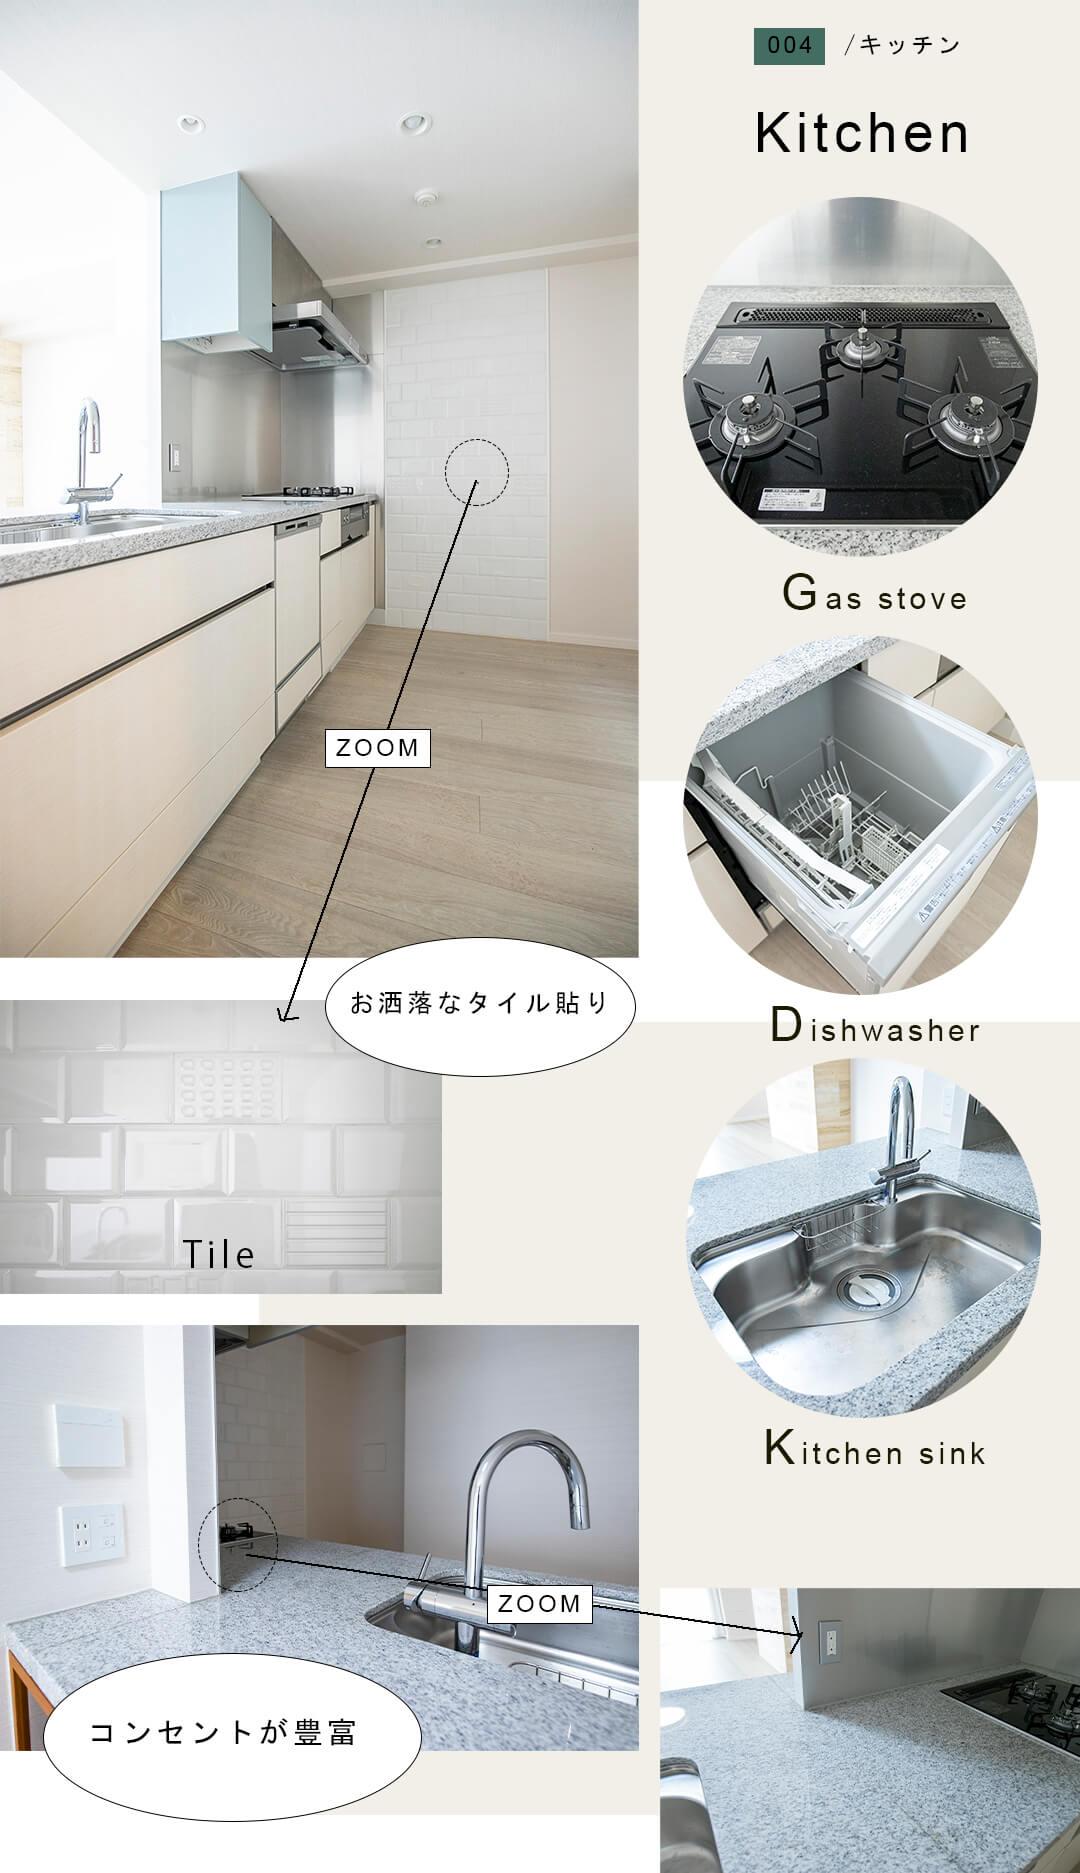 004キッチン,Kitchen